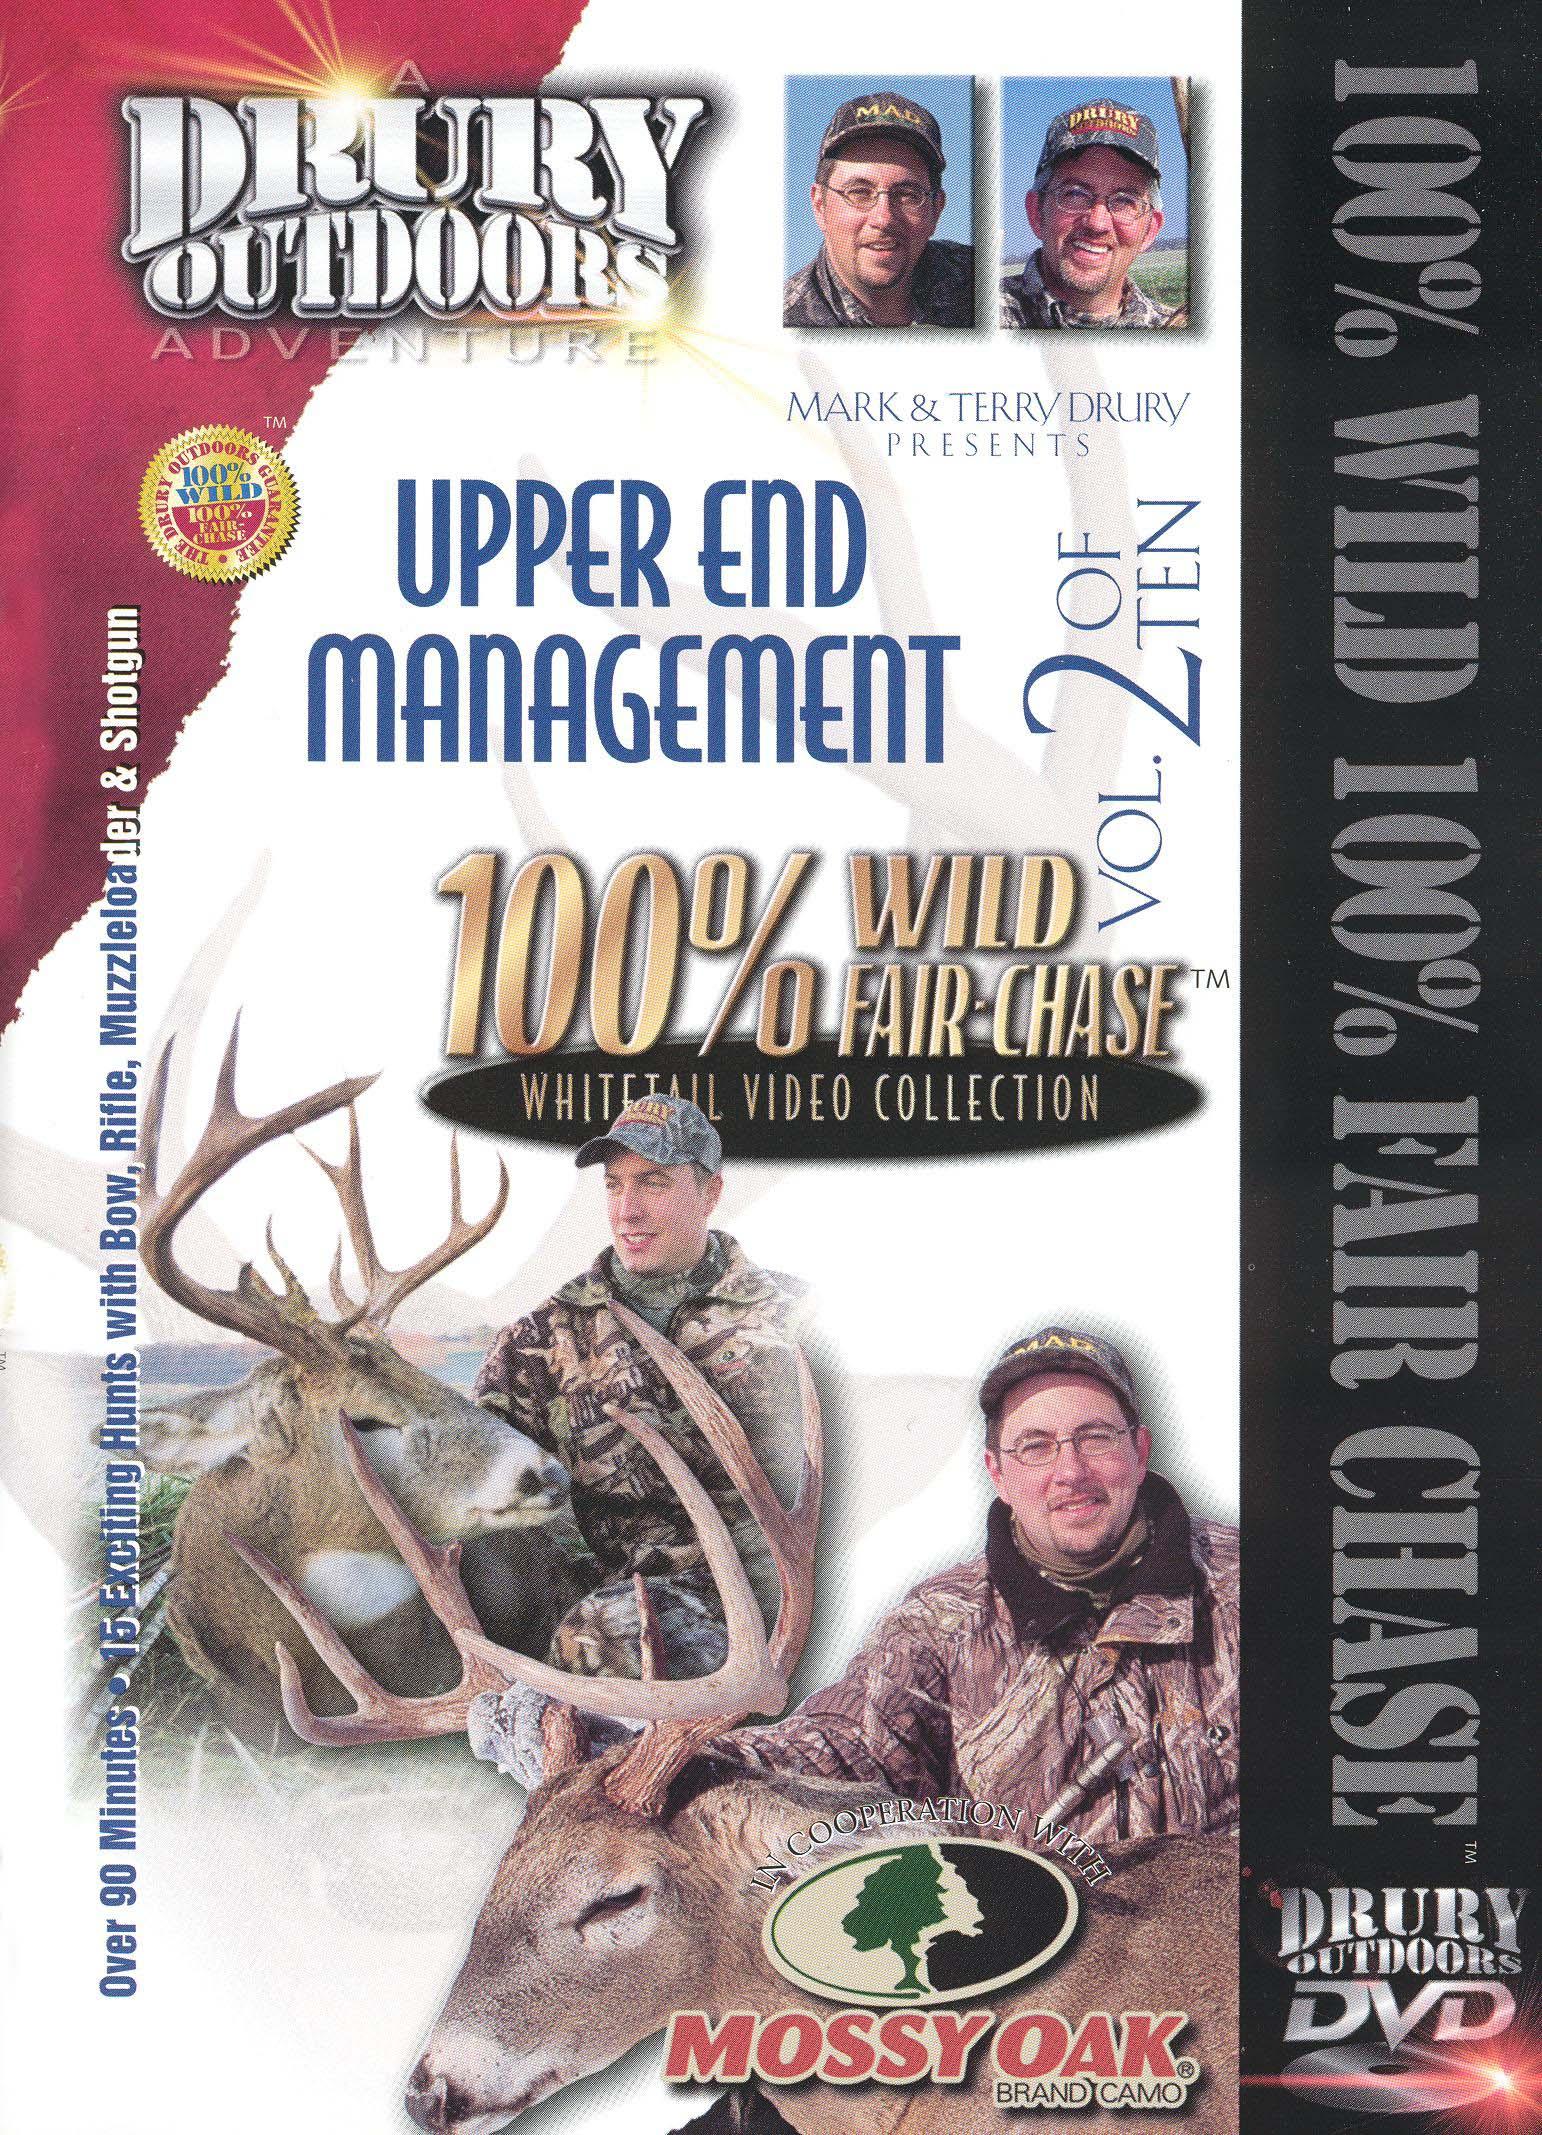 100% Wild Fair Chase, Vol. 2